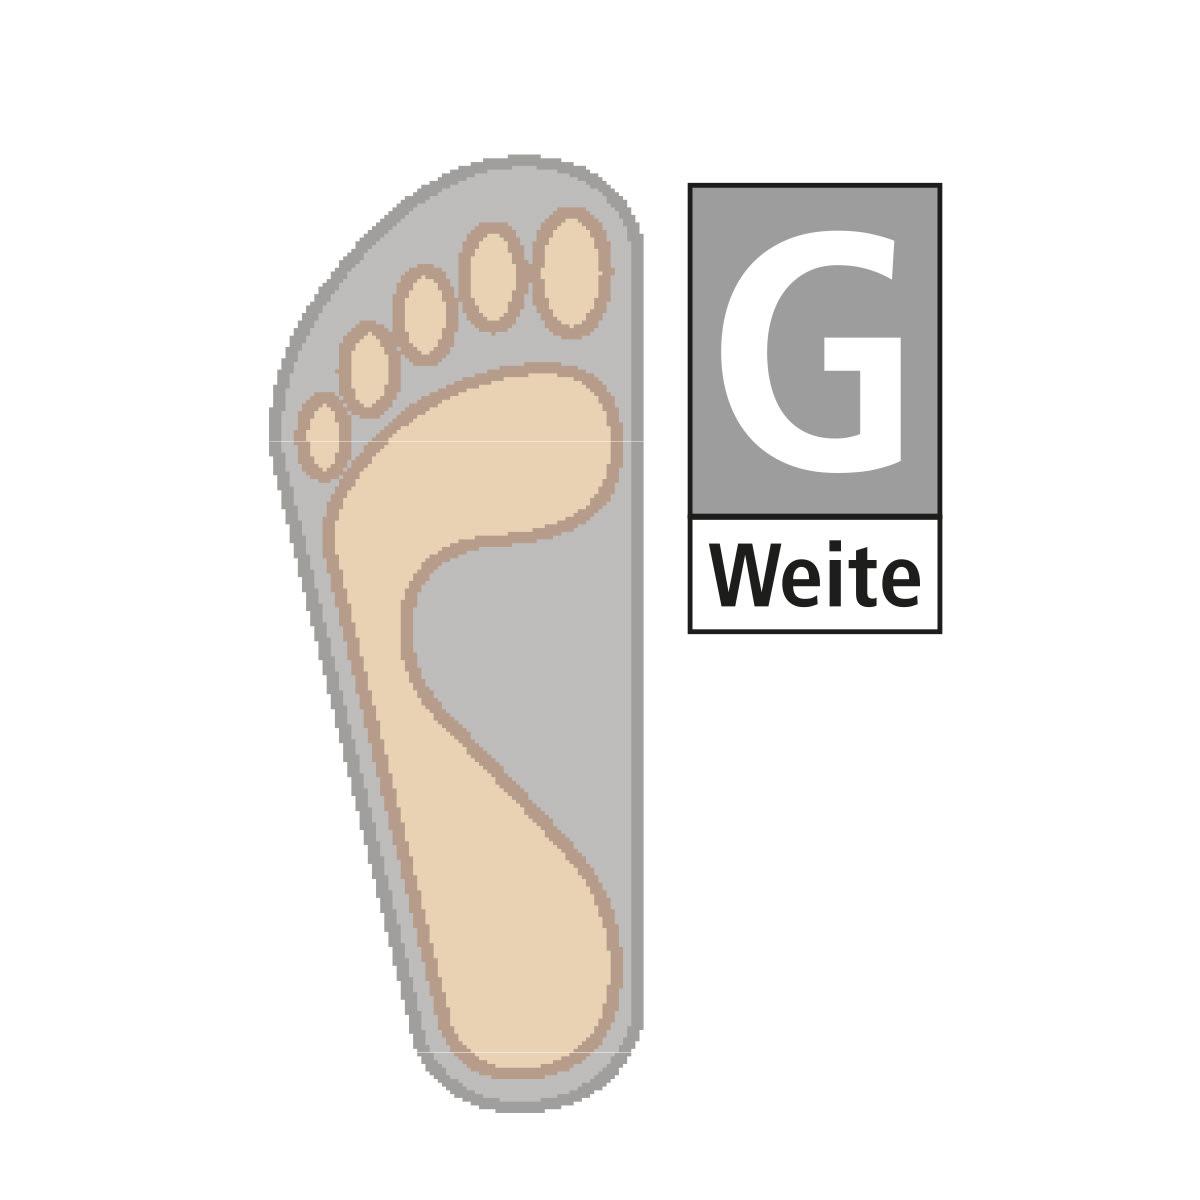 Schuhe - Weite G